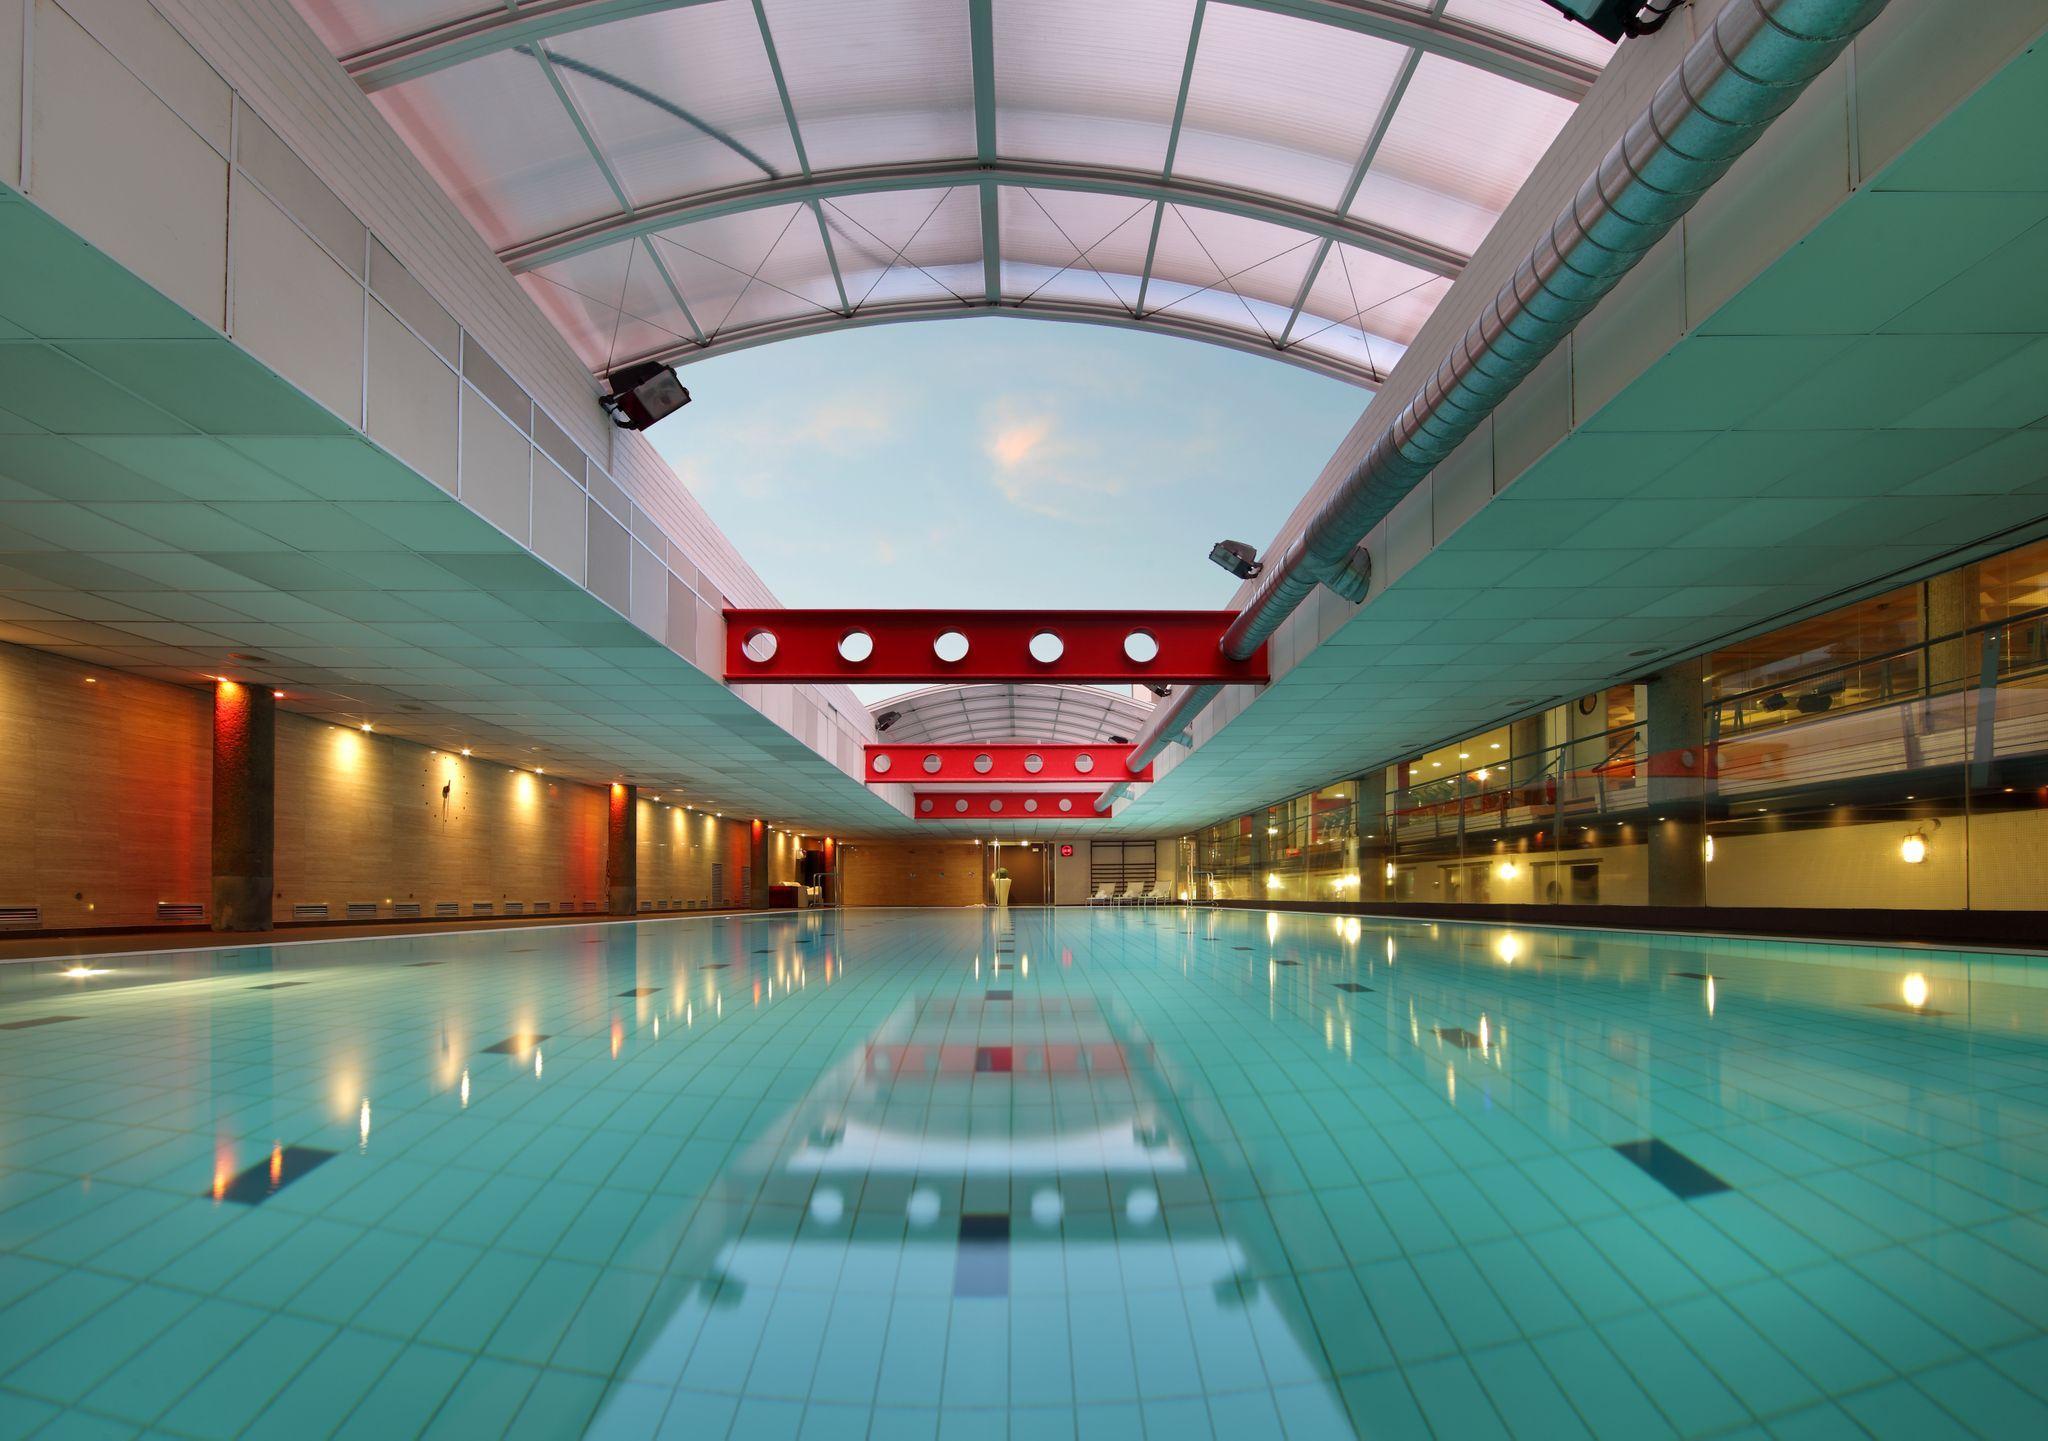 Piscina de nataci n con cubierta telesc pica for Piscina de natacion